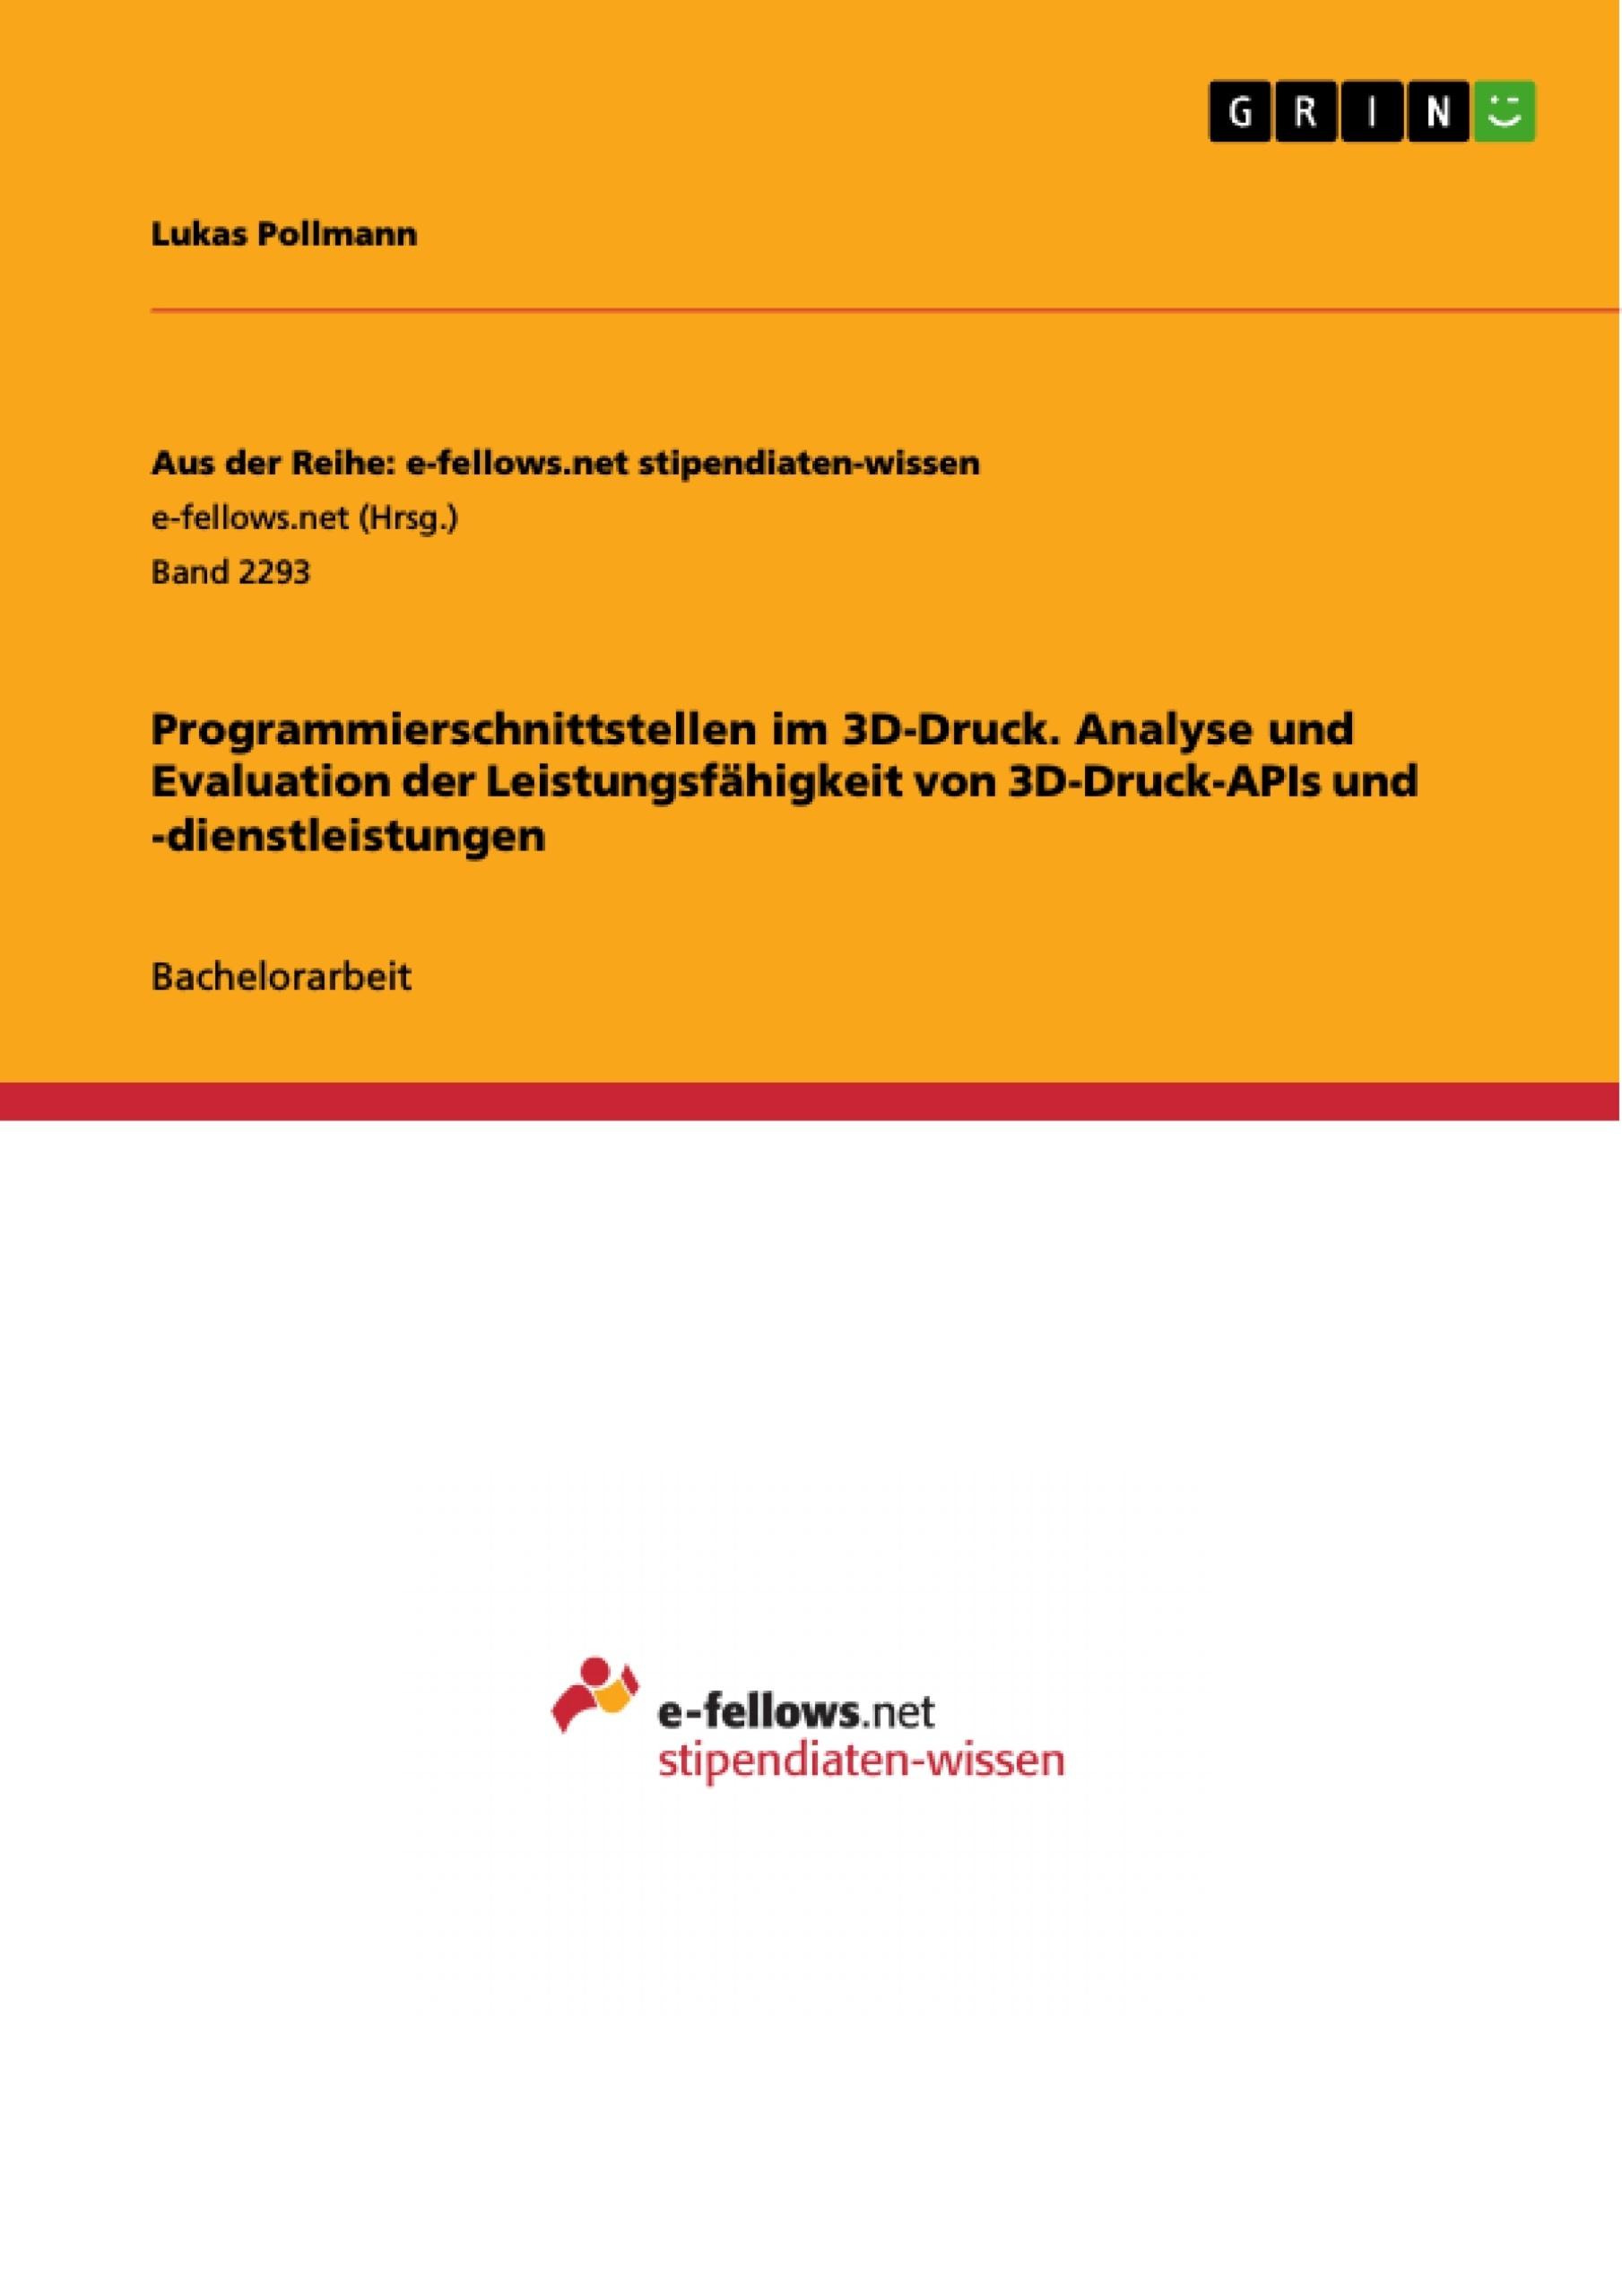 Titel: Programmierschnittstellen im 3D-Druck. Analyse und Evaluation der Leistungsfähigkeit von  3D-Druck-APIs und -dienstleistungen